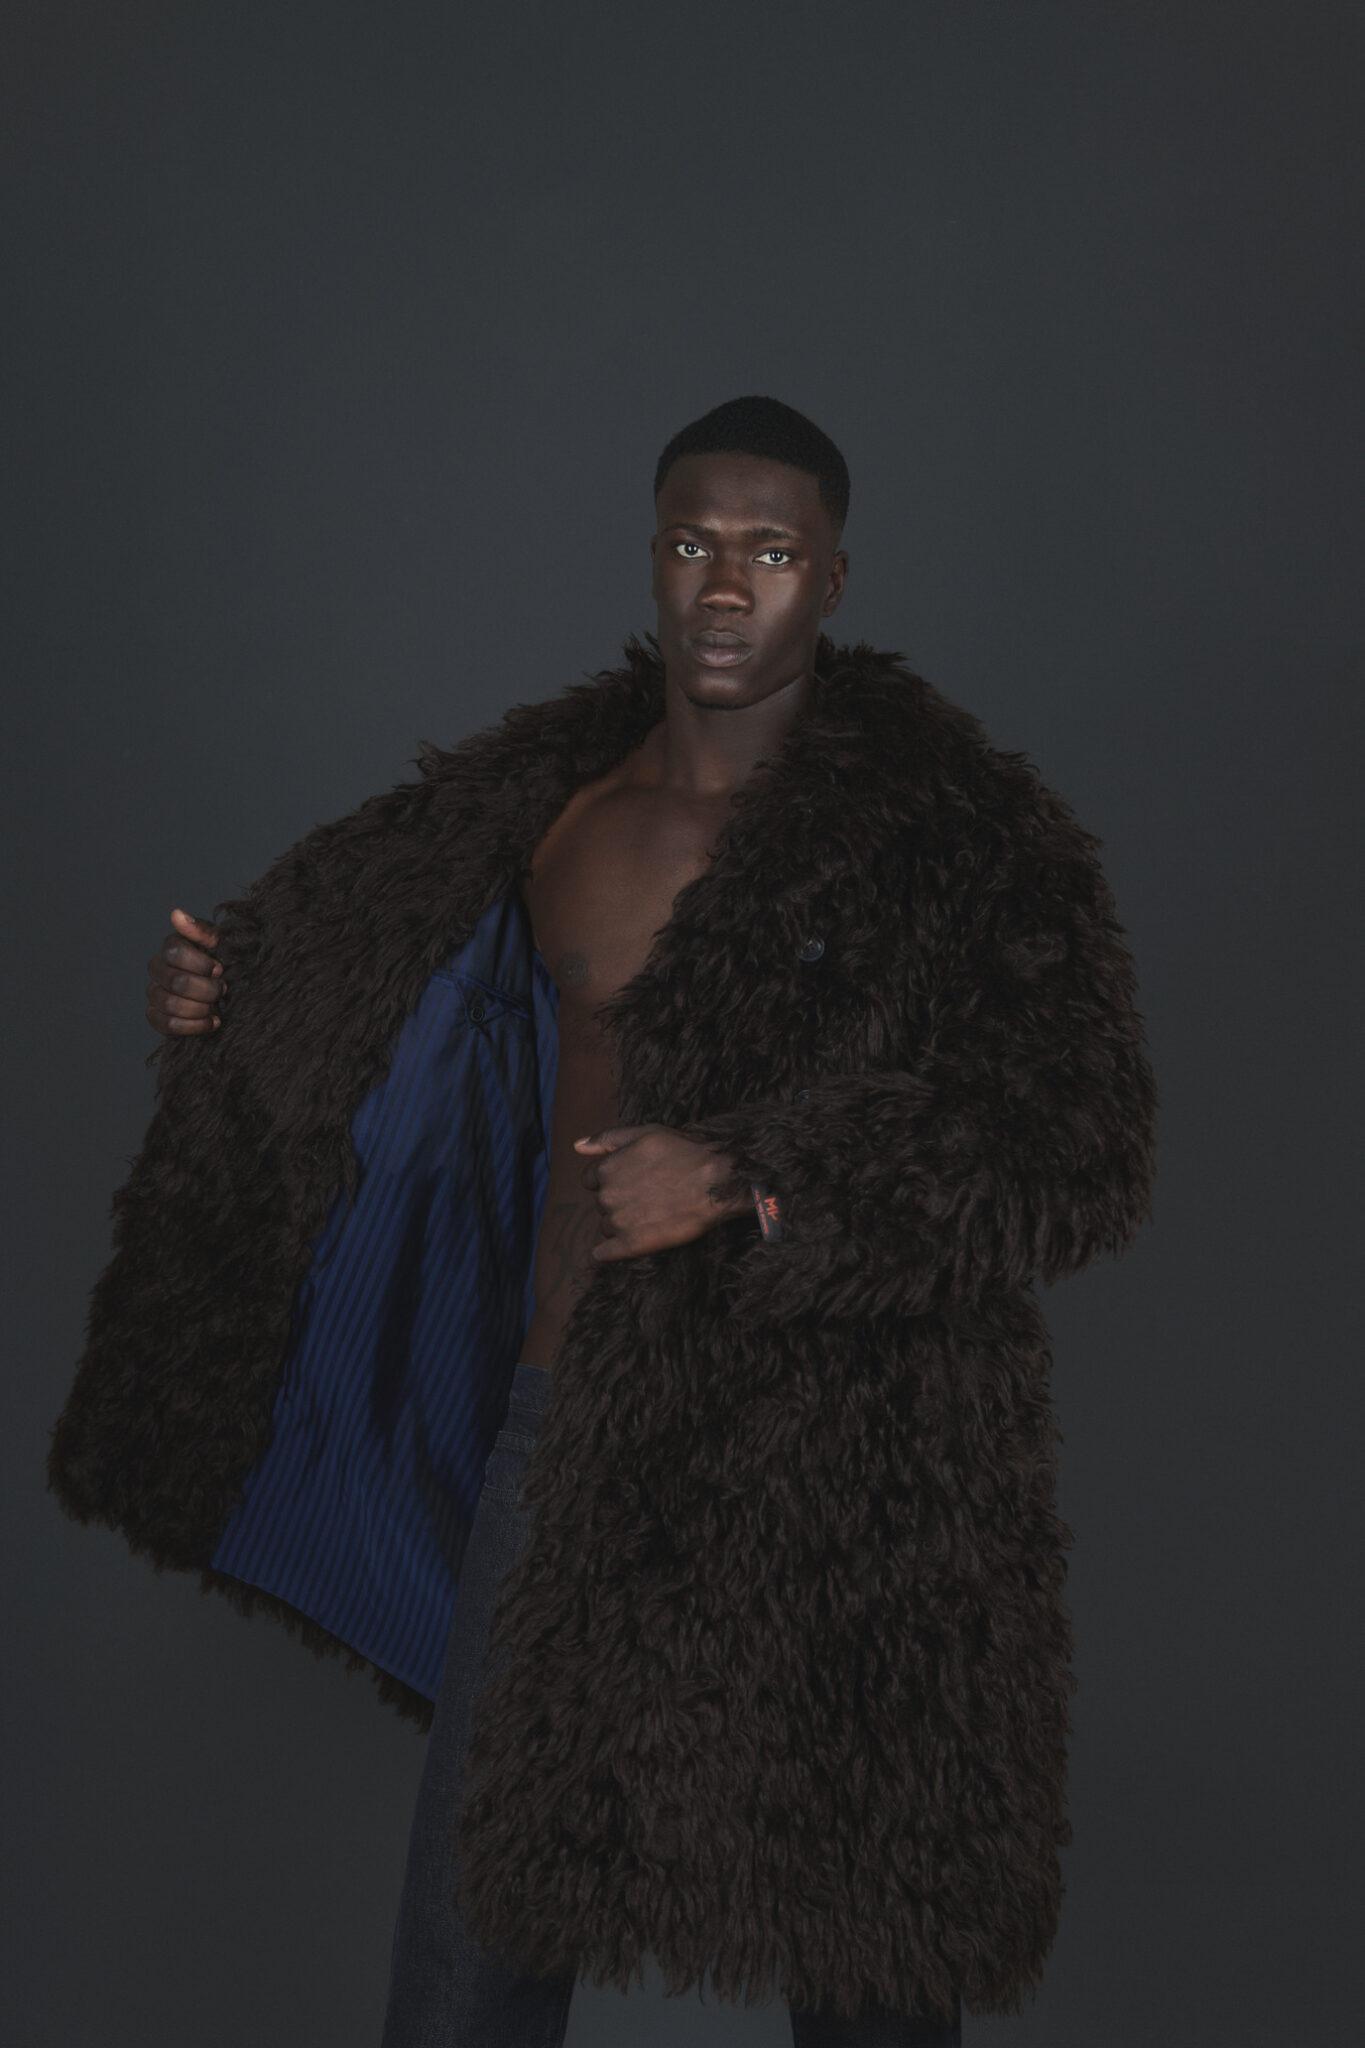 Cappotto in lana mohair della collezione Massimo Piombo per Understatement Milano